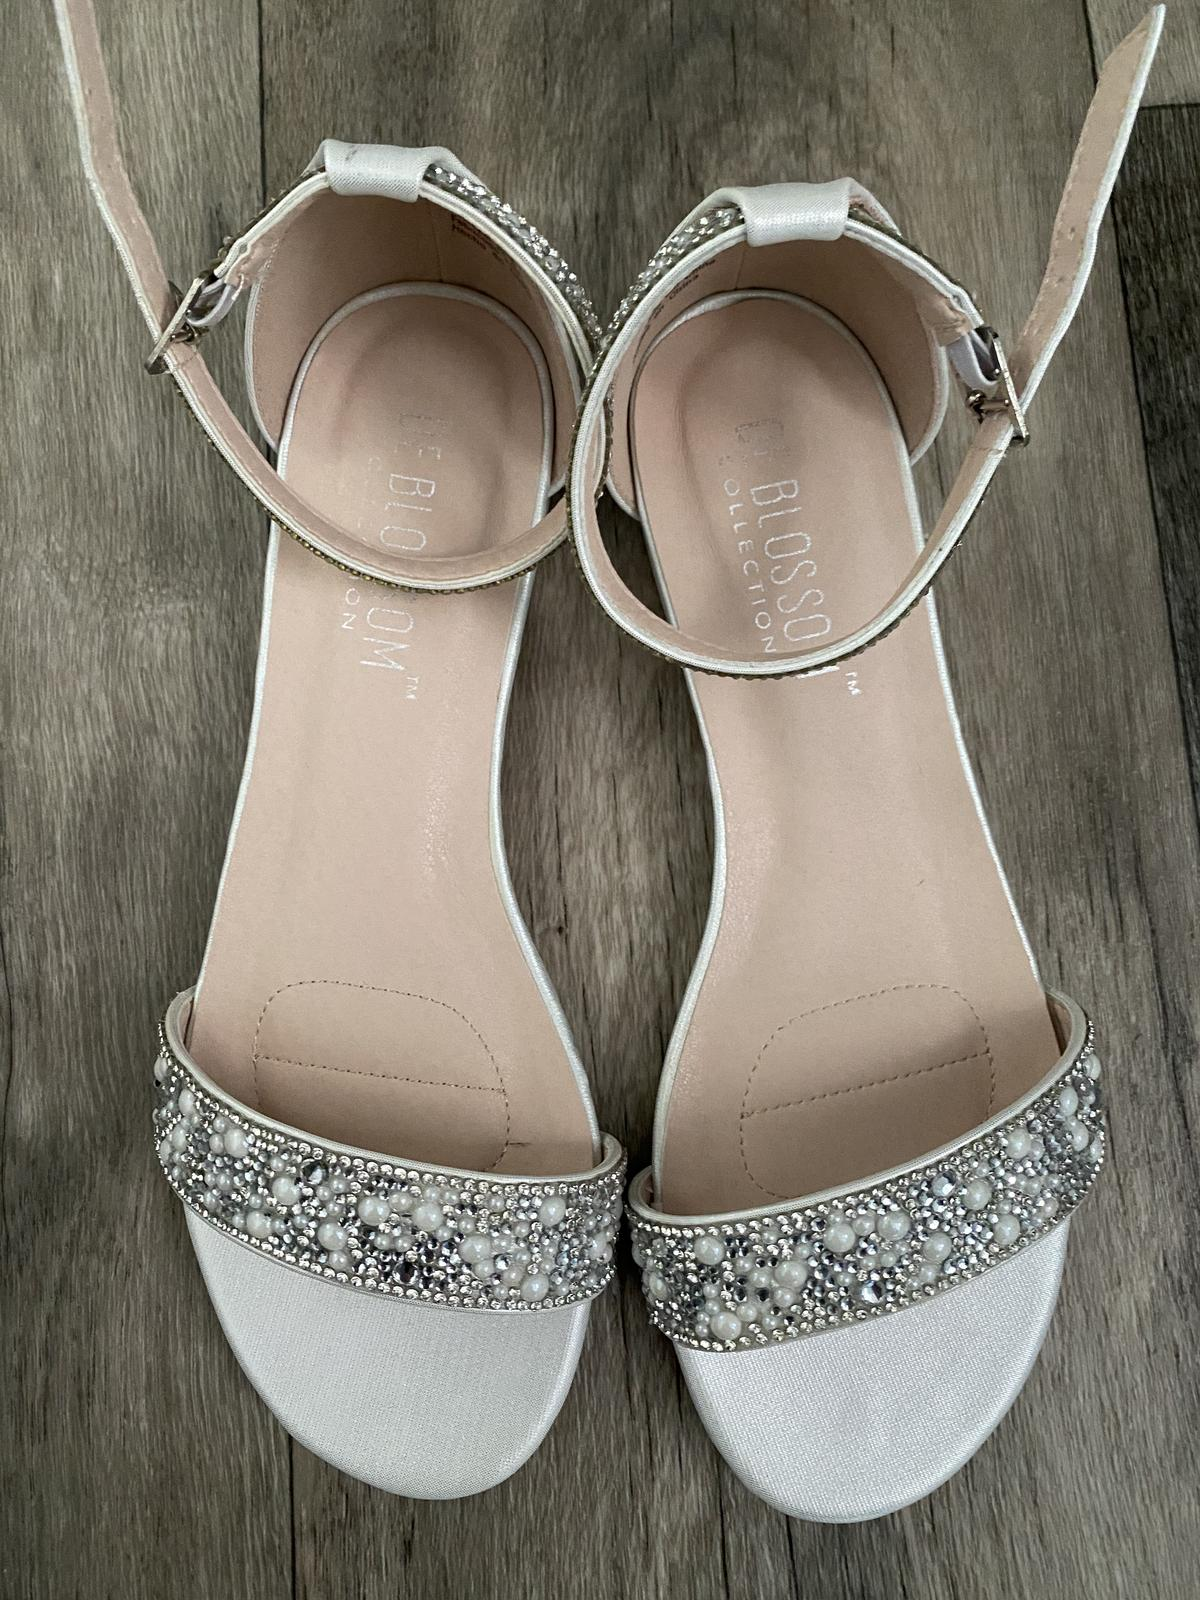 nove sandale z usa - Obrázek č. 1